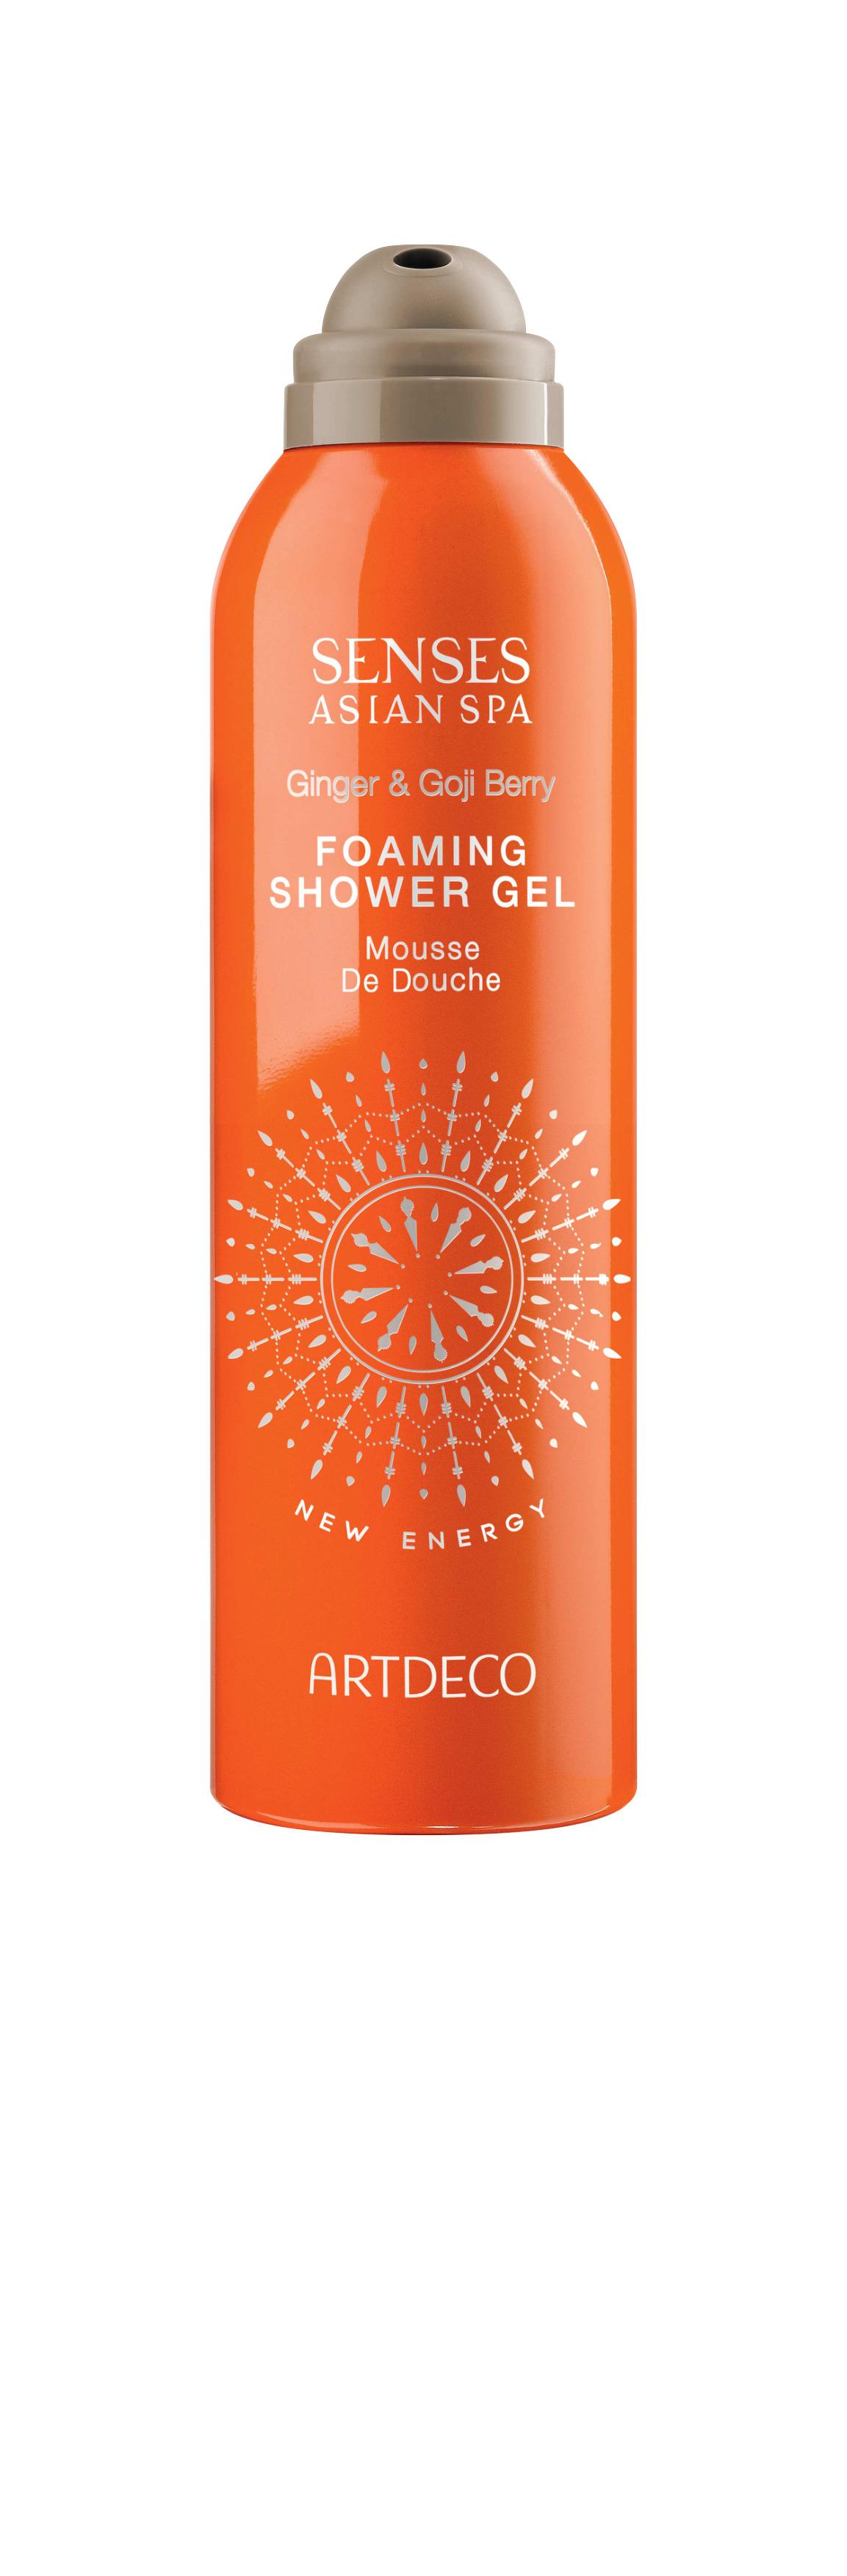 Artdeco гель-пена для душа Foaming shower gel, new energy, 200 млFS-00897Пенящаяся и воздушная текстура Питает и увлажняет кожу